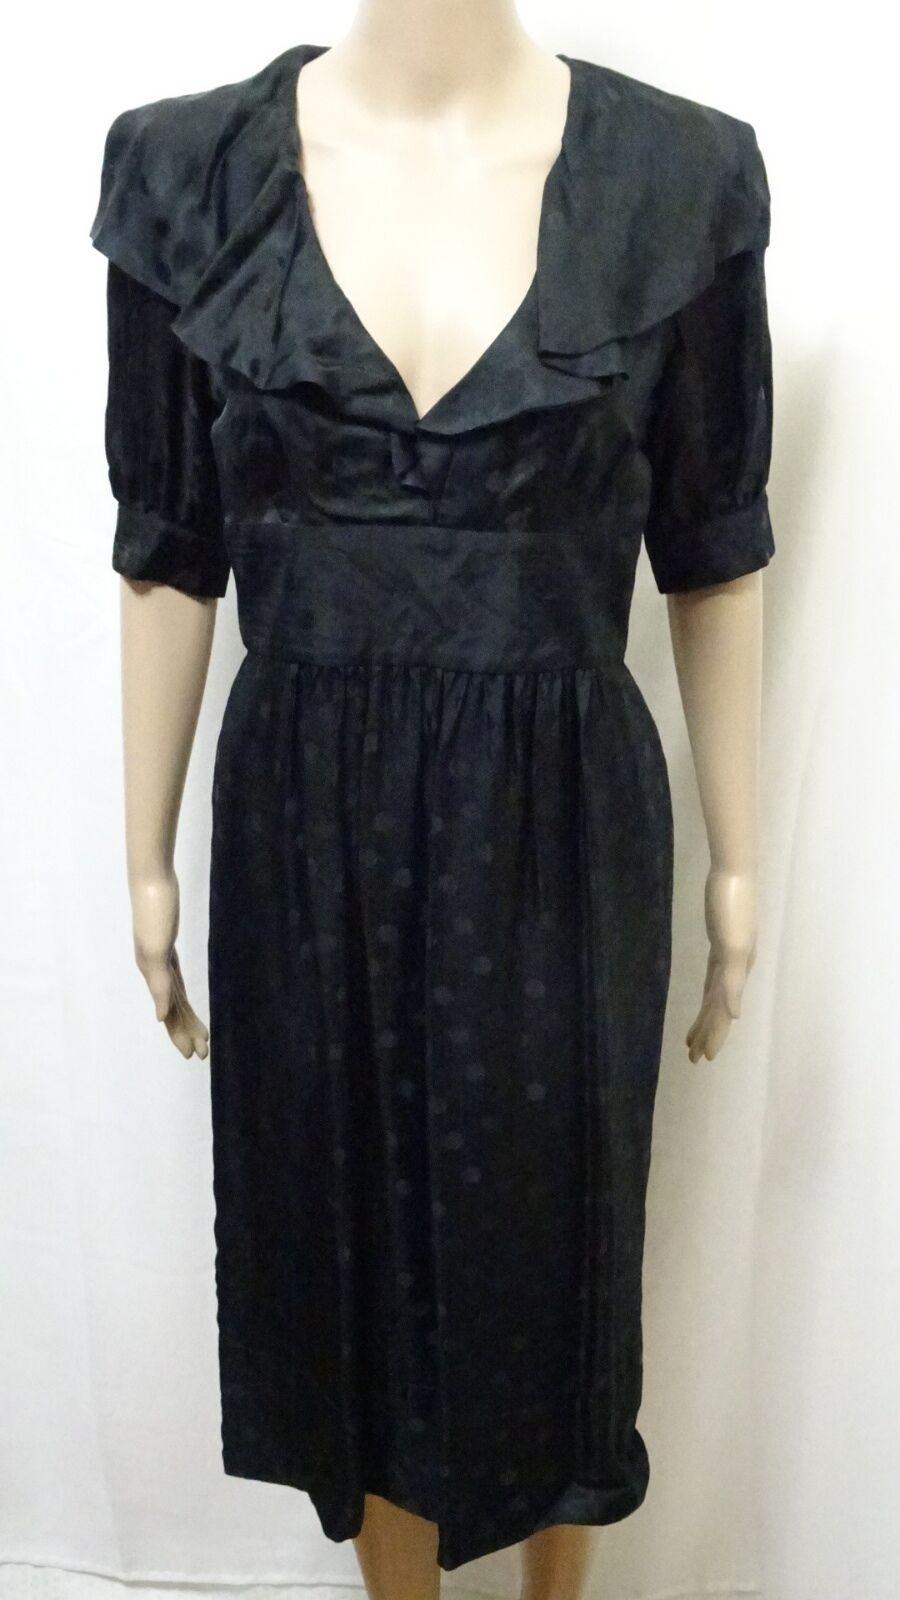 ZIMMERMANN DRESS damen  Größe 1 OR 10  EXC COND W  DOTS DESIGN CASUAL BUSINESS